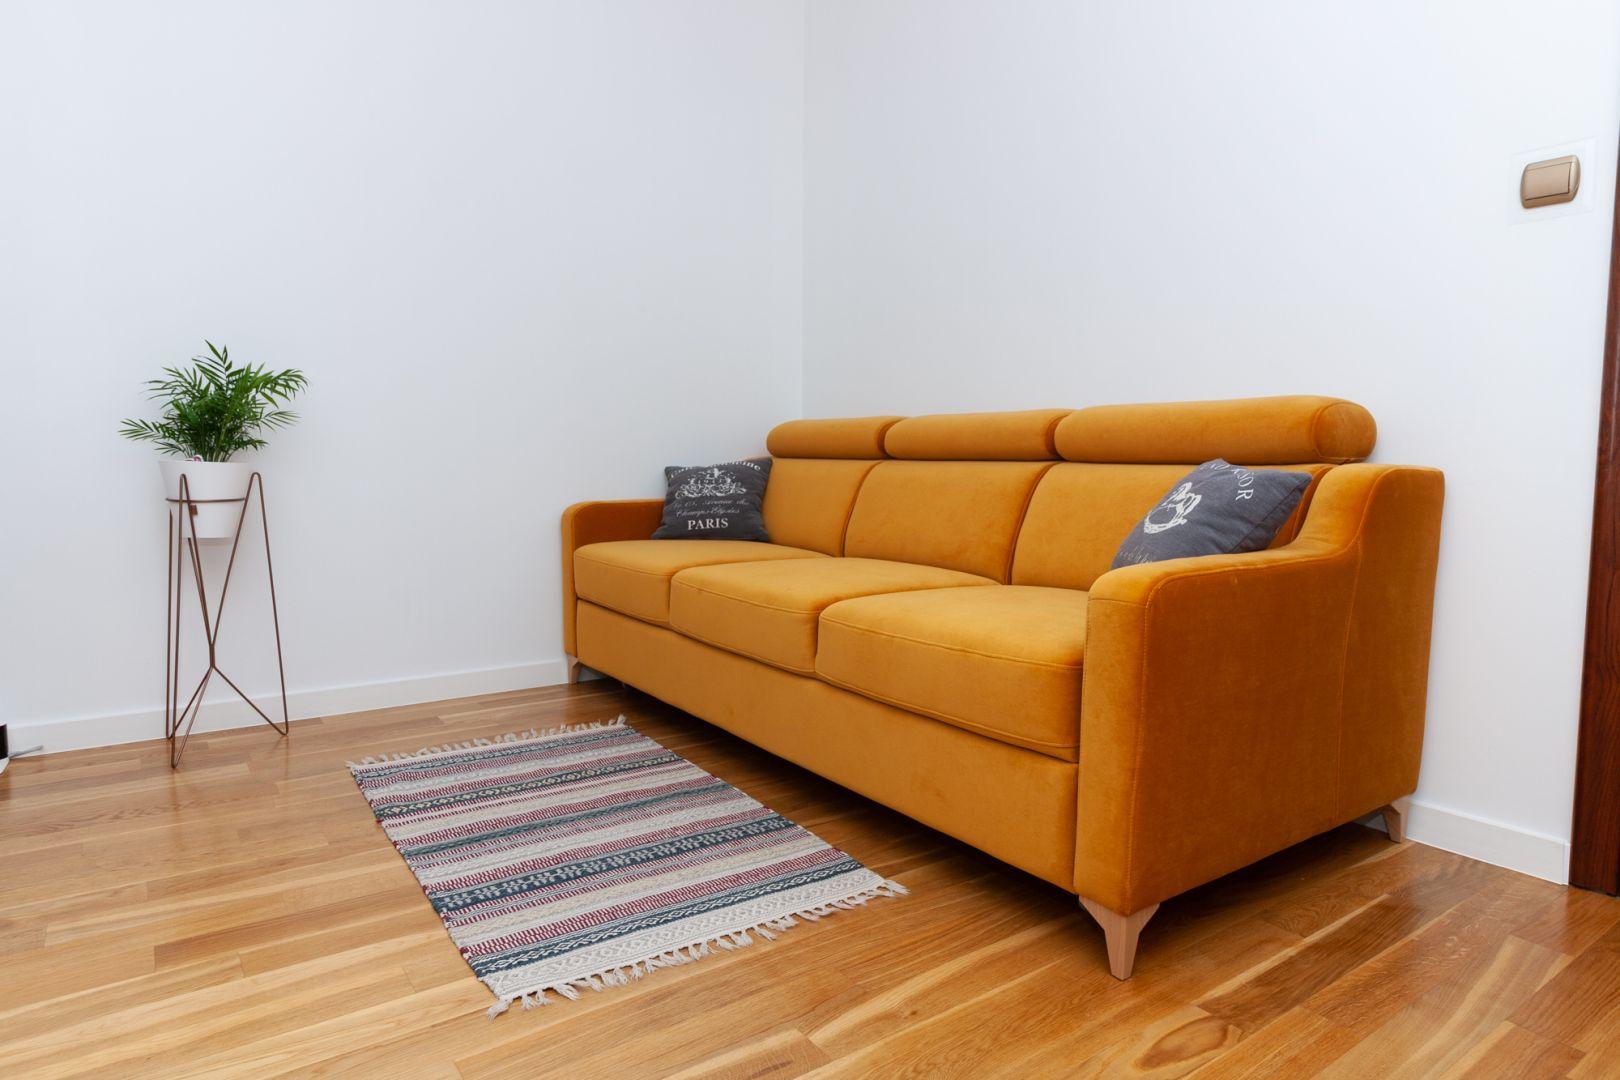 Kanapa z funkcją spania to świetnie rozwiązanie zarówno do małego, jak i dużego salonu. Fot. MP Nidzica